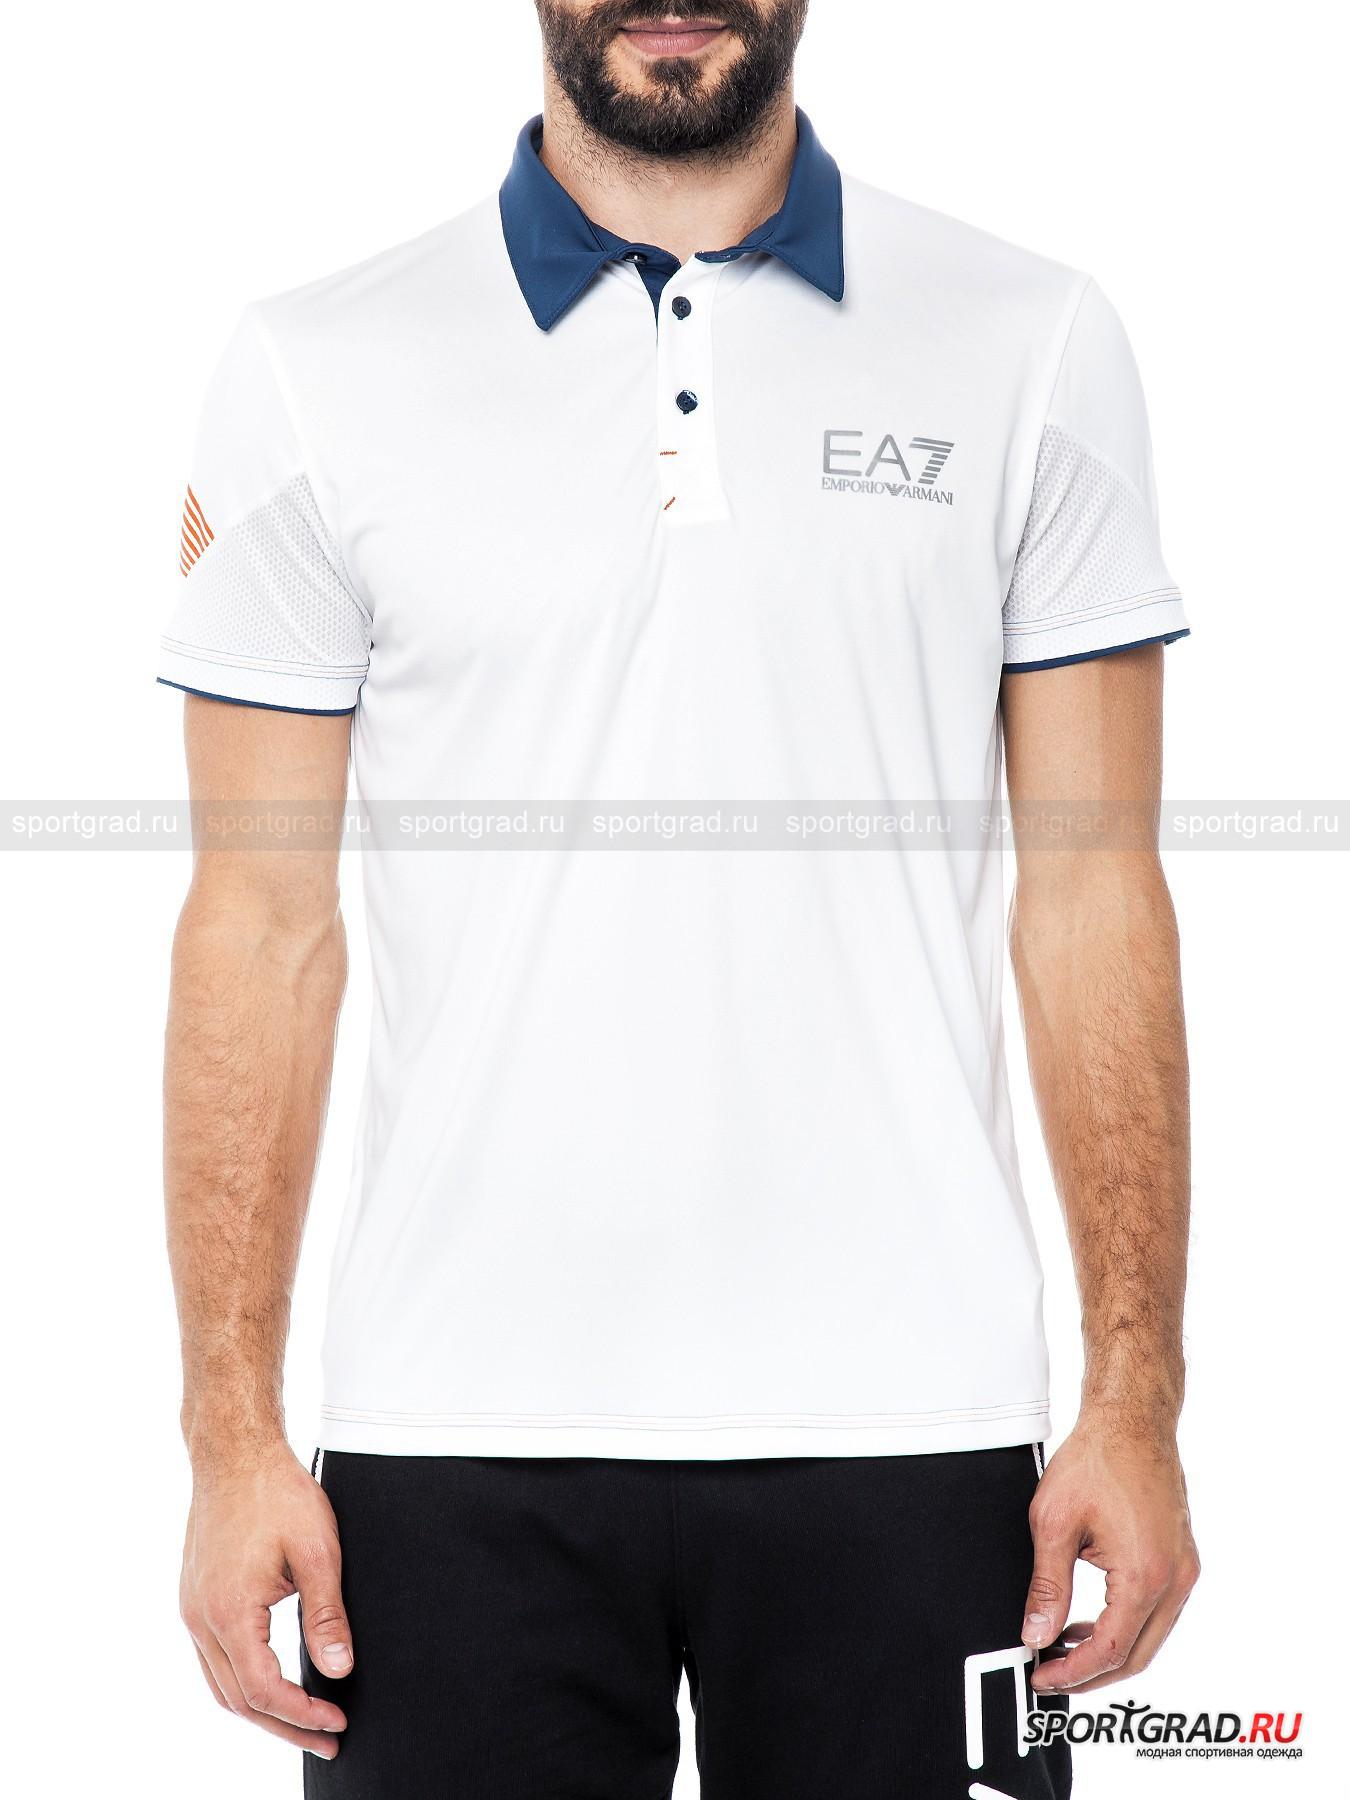 ���� ������� ��� ���������� Tennis Polo Shirt EA7 Emporio Armani